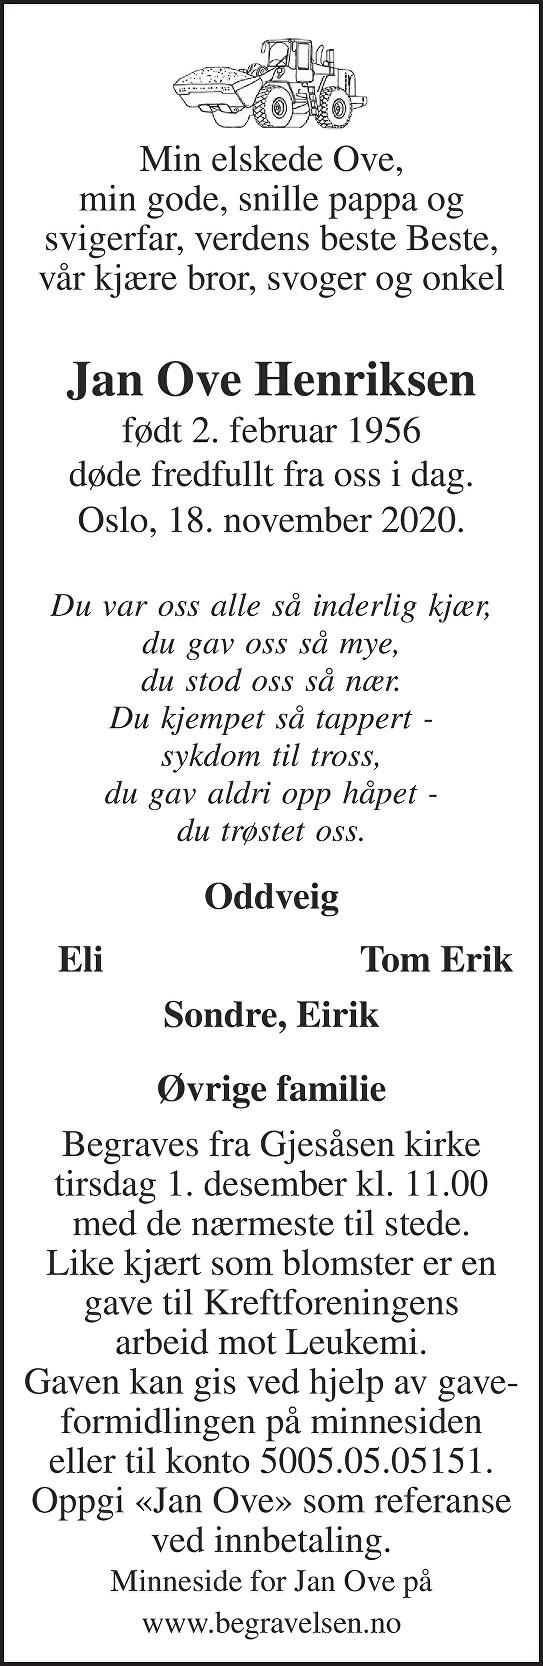 Jan Ove Henriksen Dødsannonse